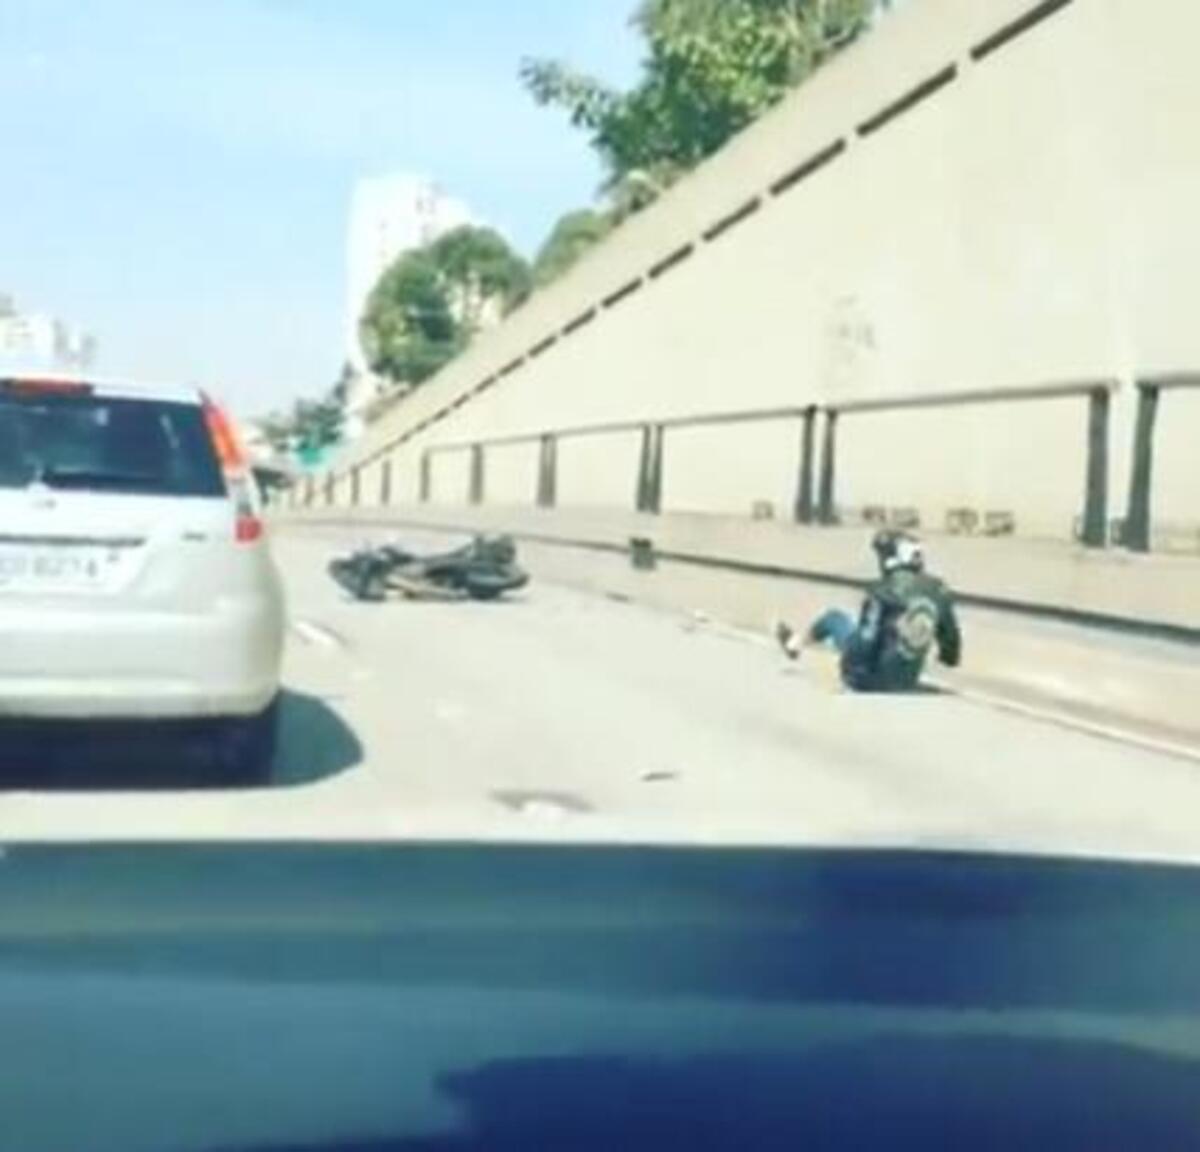 En mouvement, essayez de donner un coup de pied dans une voiture et se retrouve au les roues en l'air [VIDEO VIRALE]